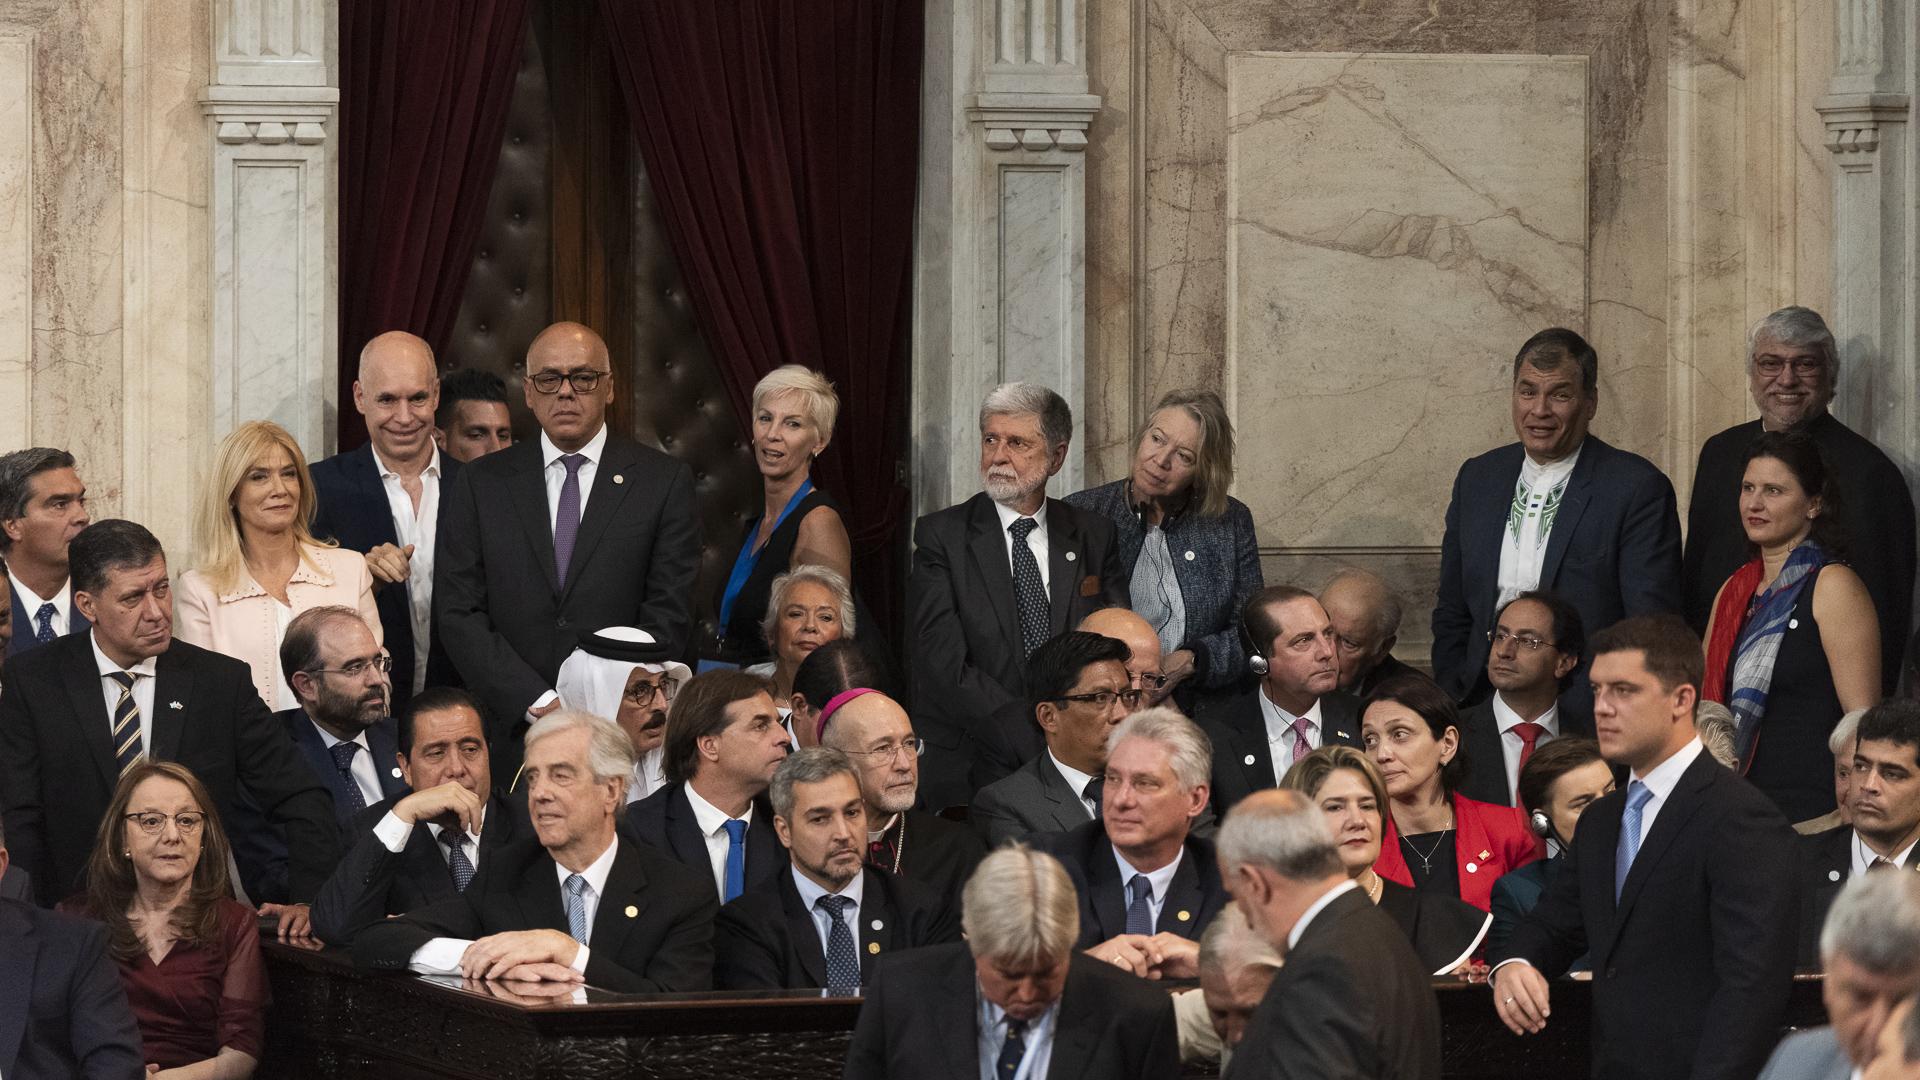 Diferentes mandatarios, ex presidentes y representantes de países de todo el continente americano se hicieron presentes en el Congreso de la Nación para acompañar el traspaso de mando